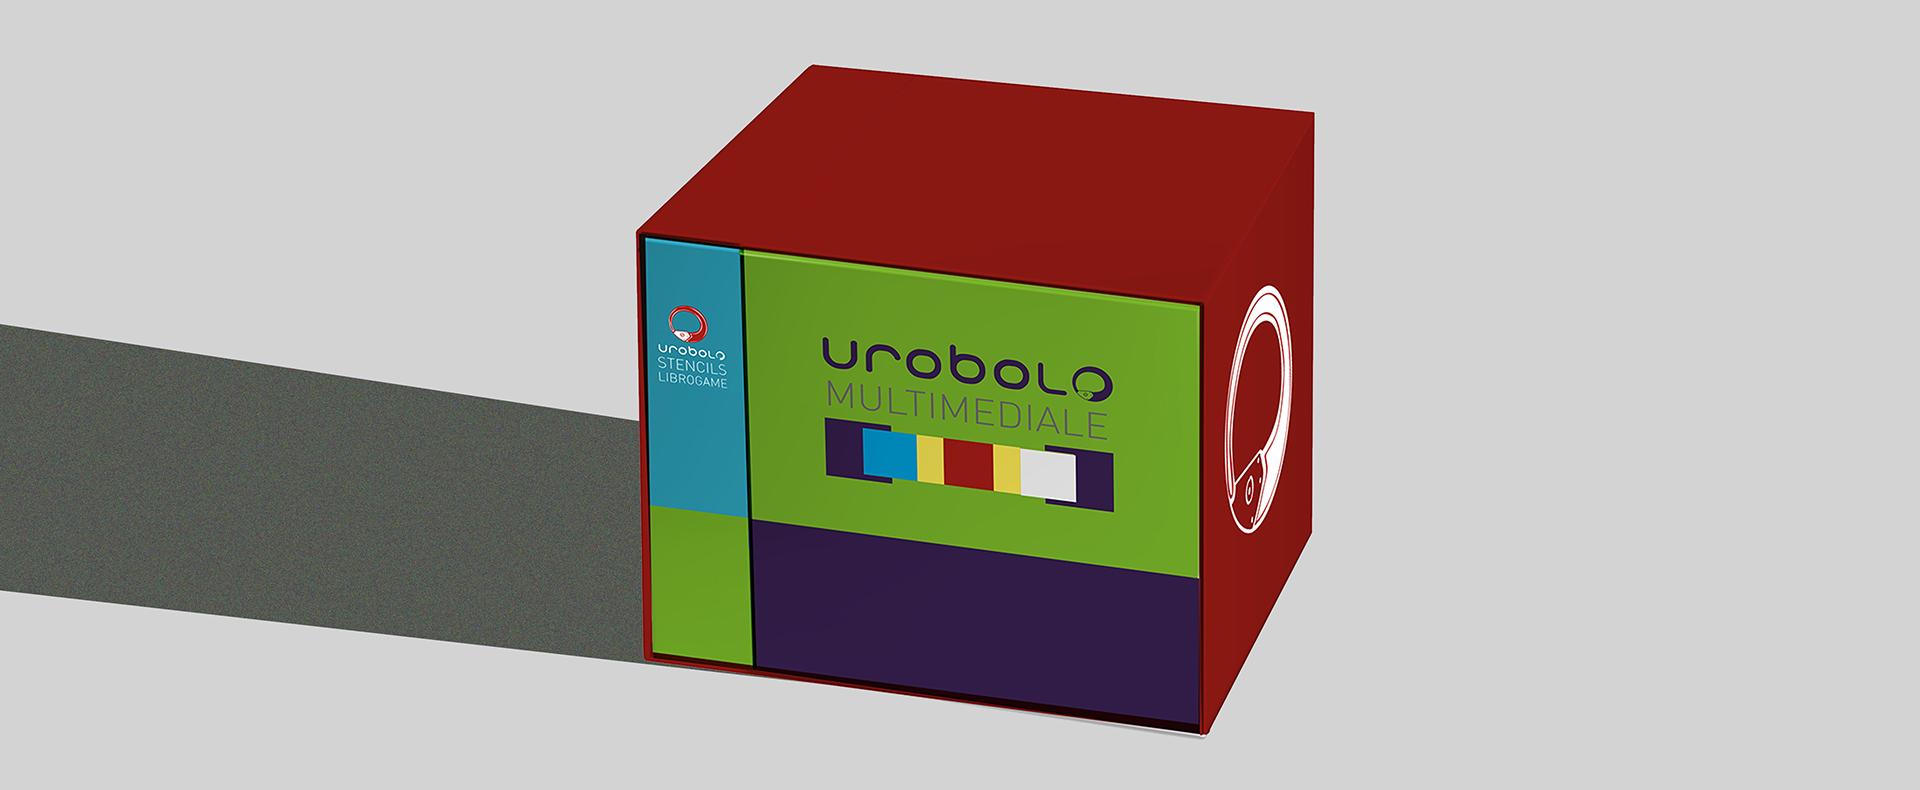 Urobolo-gioco-multimediale-laboratorio-didattico